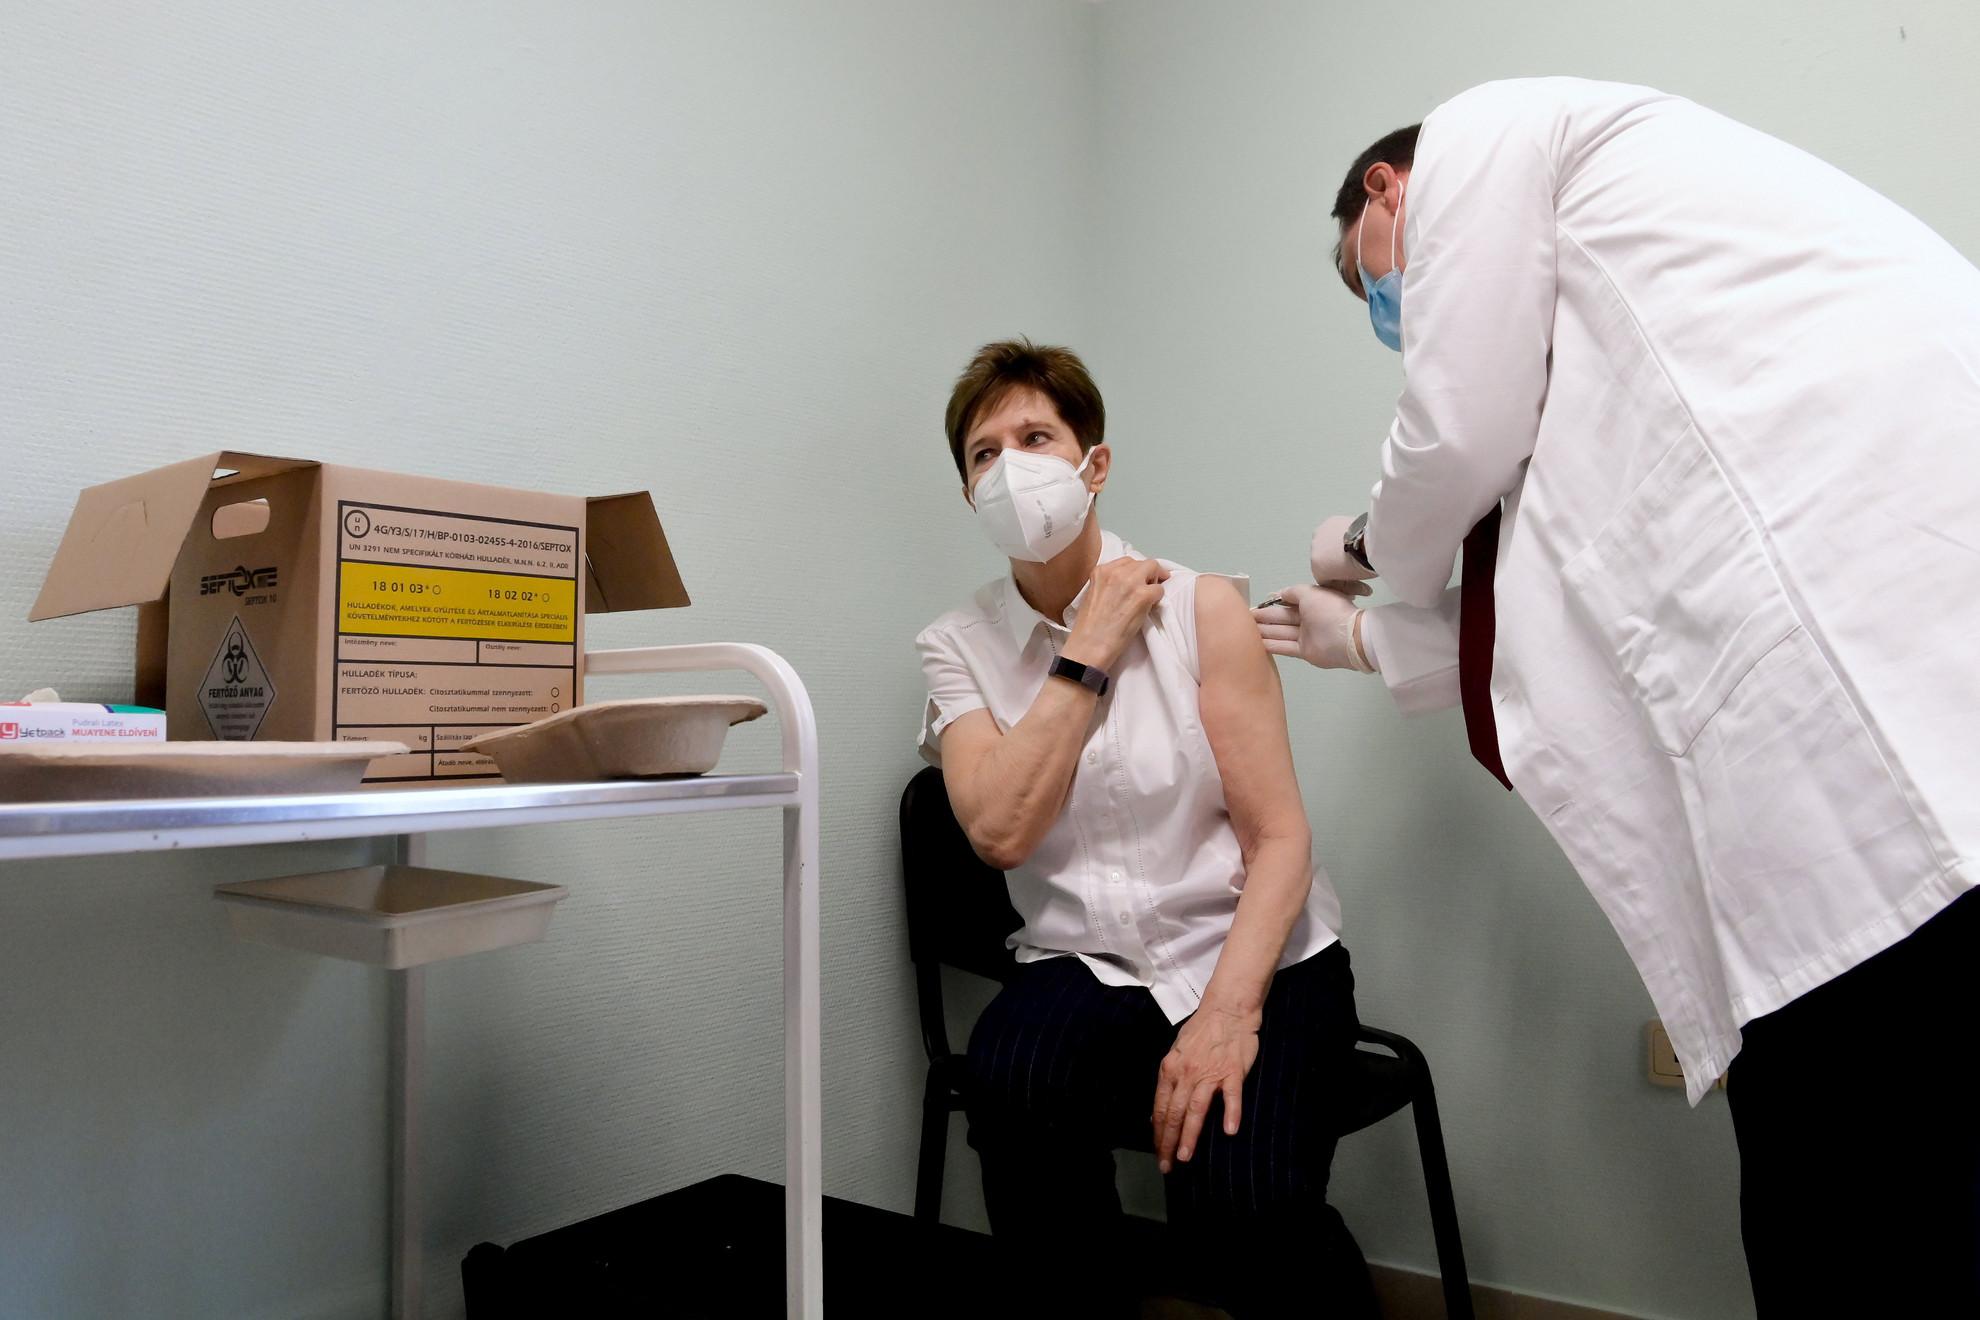 Szlávik János infektológus főorvos beoltja a Pfizer és a BioNTech által kifejlesztett koronavírus elleni oltóanyaggal Kertész Adrienne osztályvezető főorvost a Dél-pesti Centrumkórházban